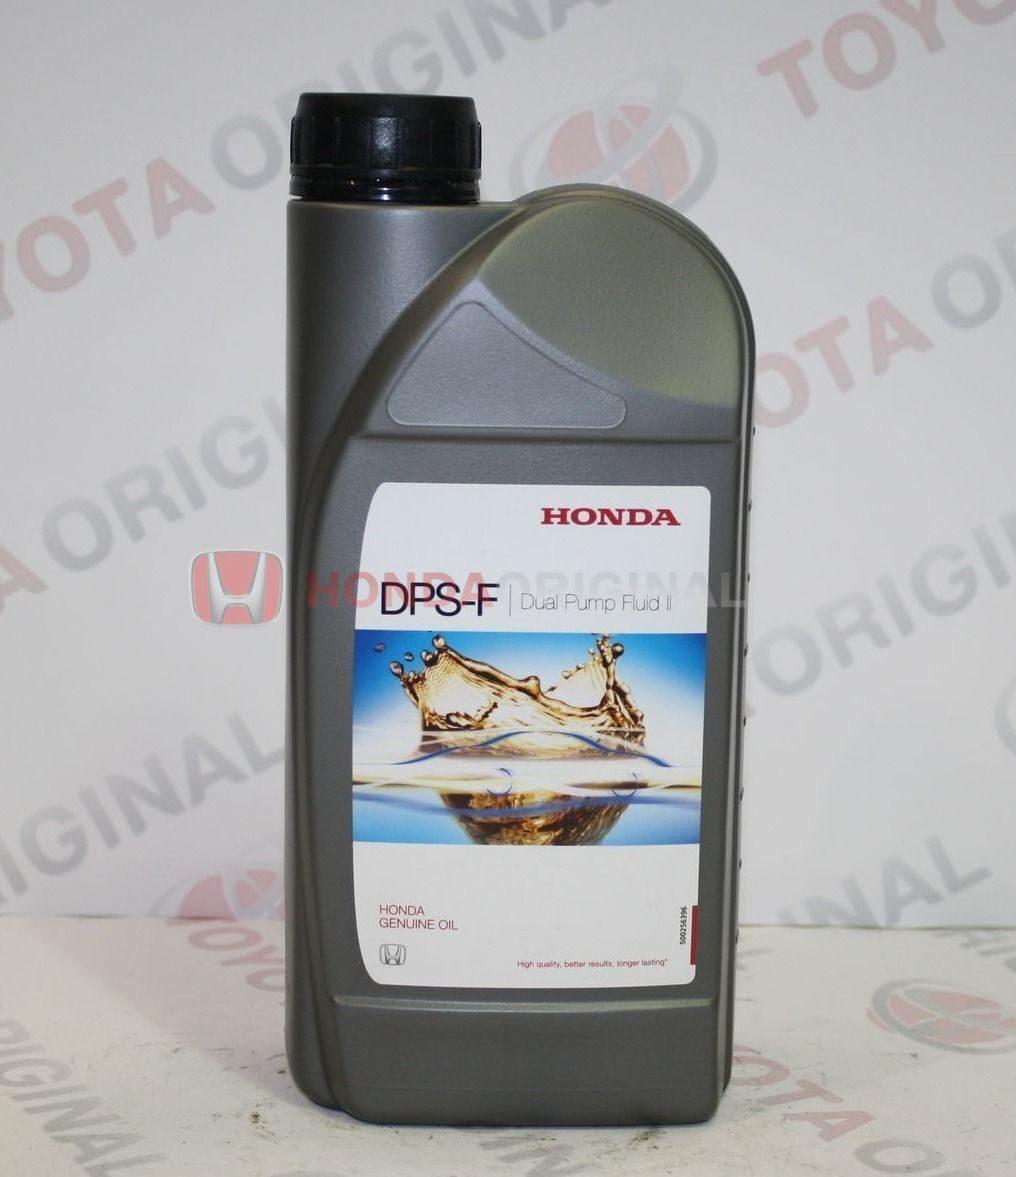 Оригинальное трансмиссионное масло Honda для АКПП МКПП и